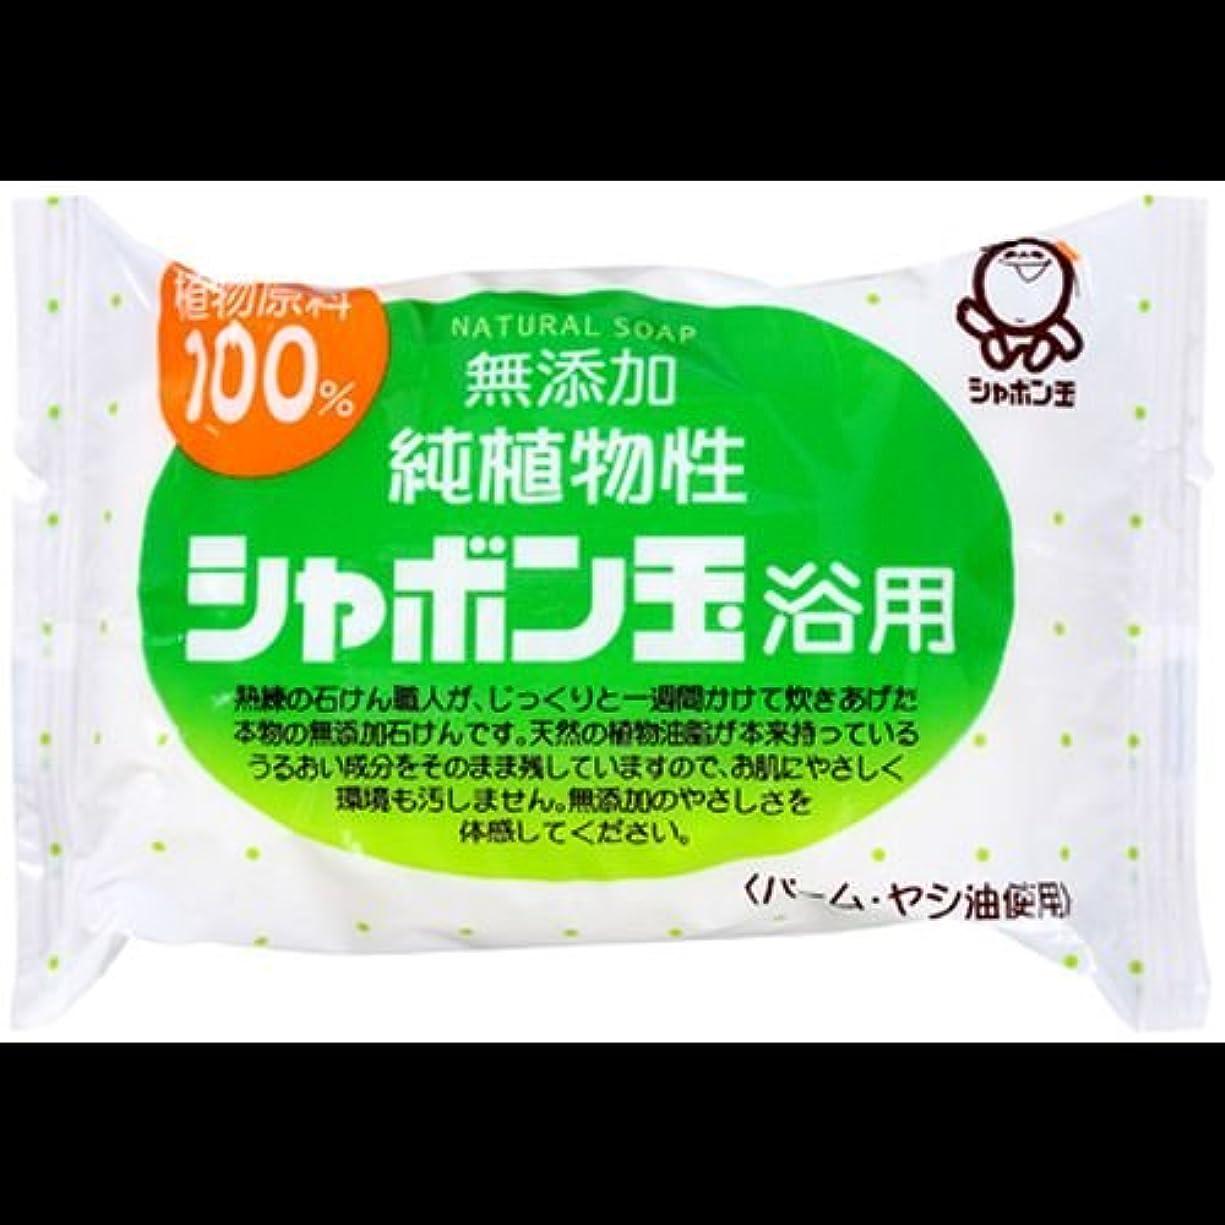 疲労独立食物【まとめ買い】シャボン玉 無添加 純植物性 シャボン玉浴用石けん 純植物性 100g ×2セット